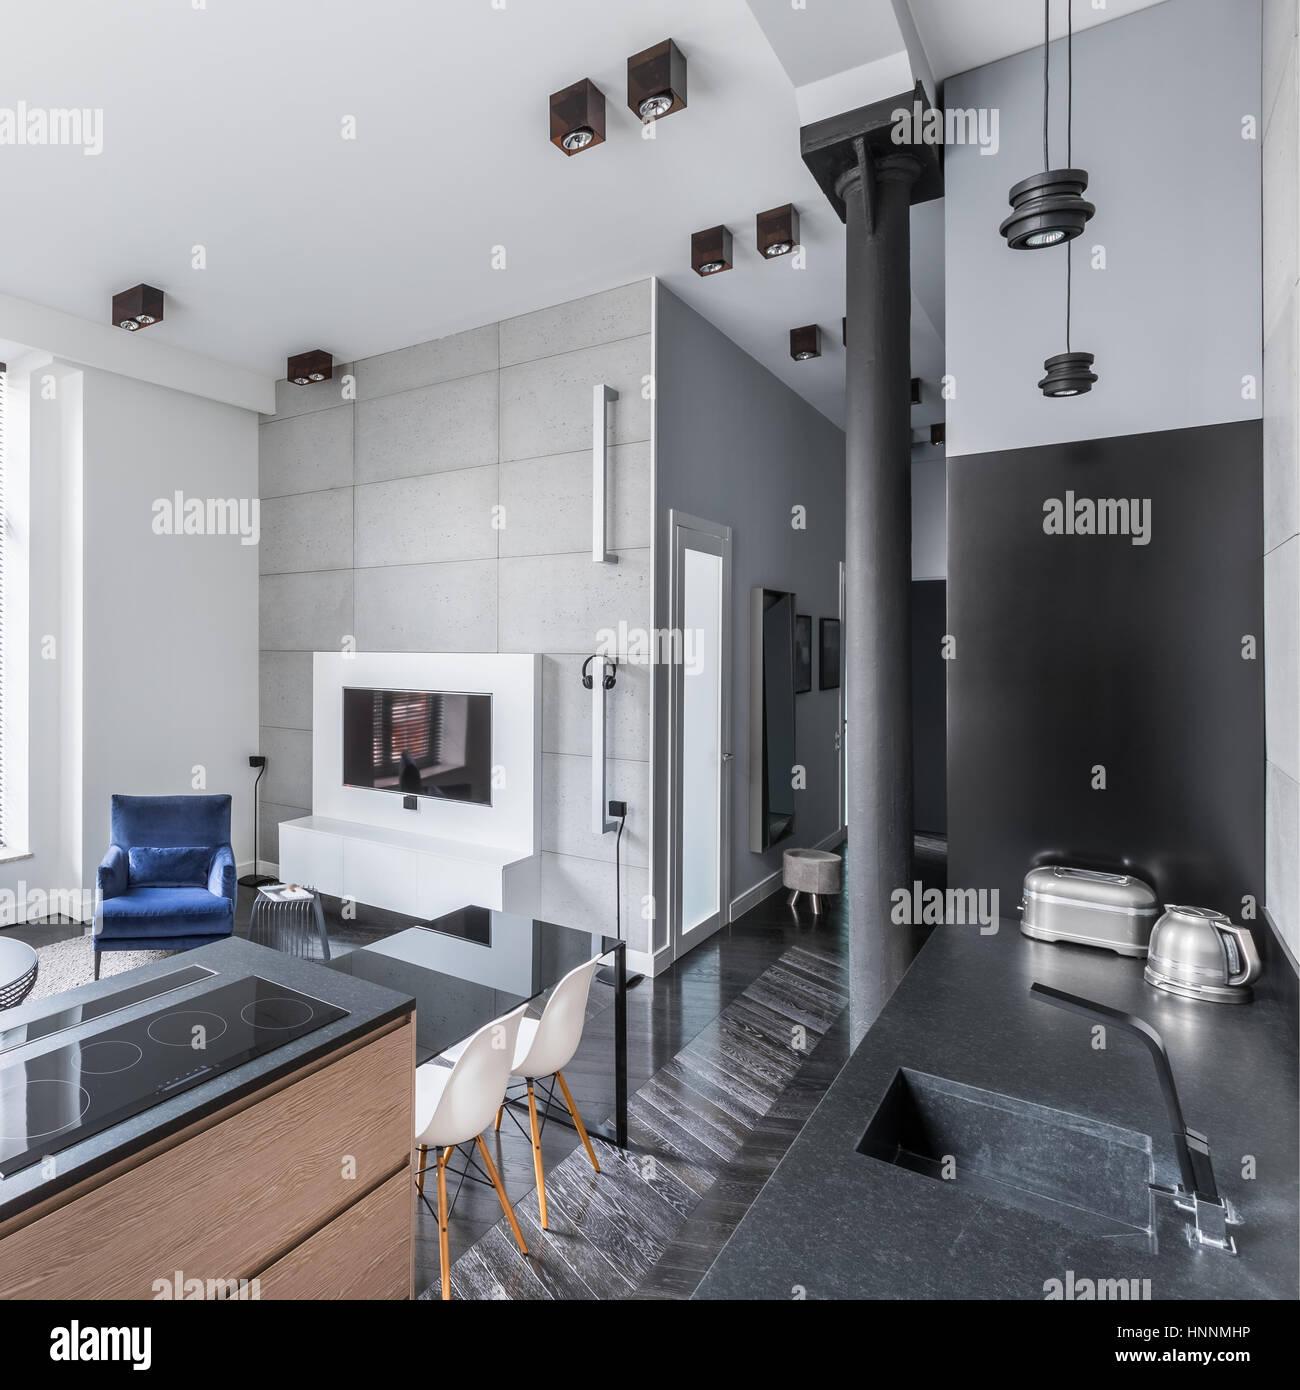 moderne-wohnlandschaft-mit-kuche-offen-zum-wohnzimmer-und-flur-hnnmhp.jpg